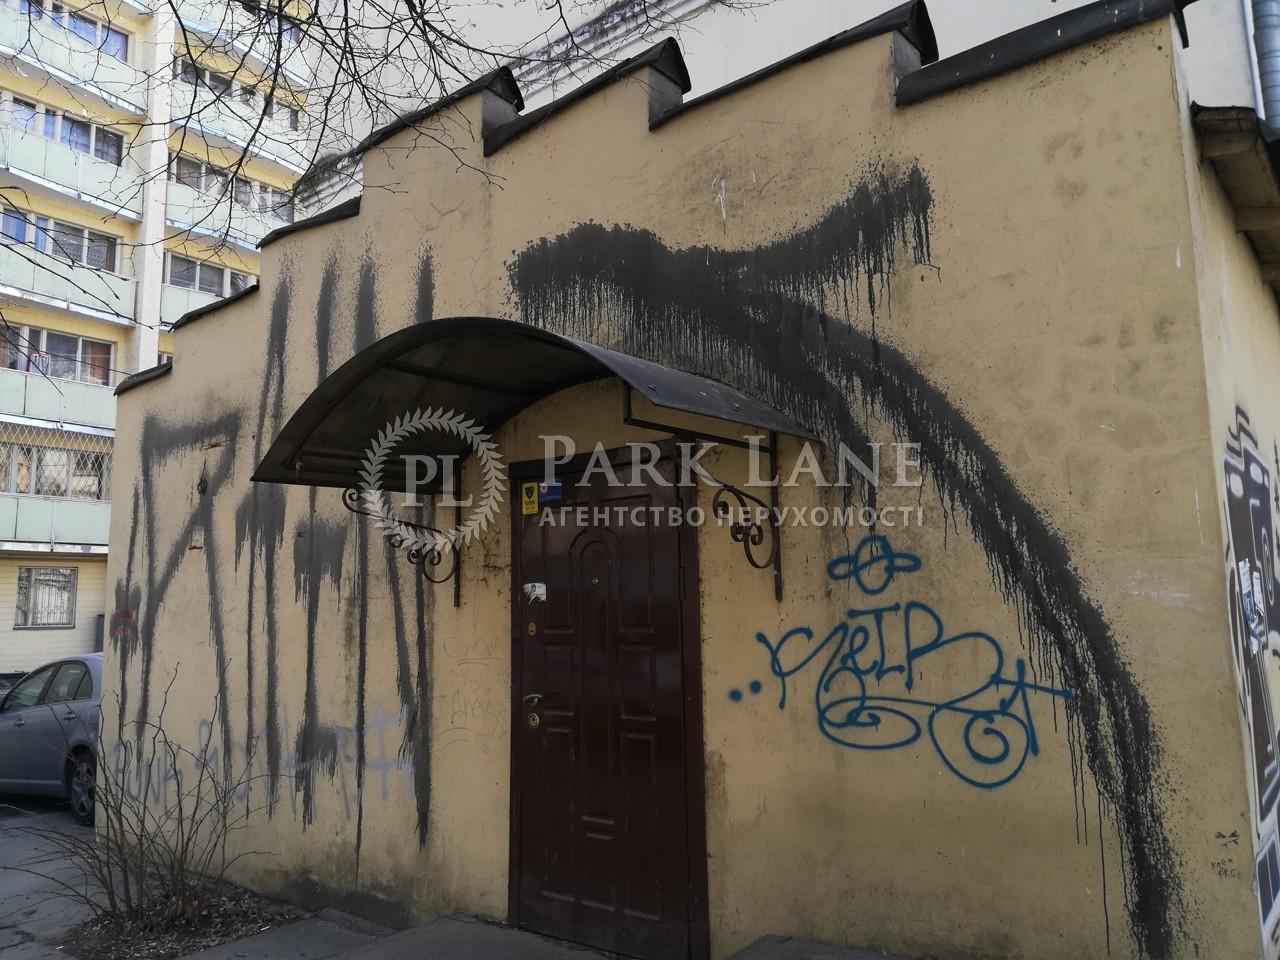 Нежилое помещение, ул. Дмитриевская, Киев, K-27702 - Фото 7